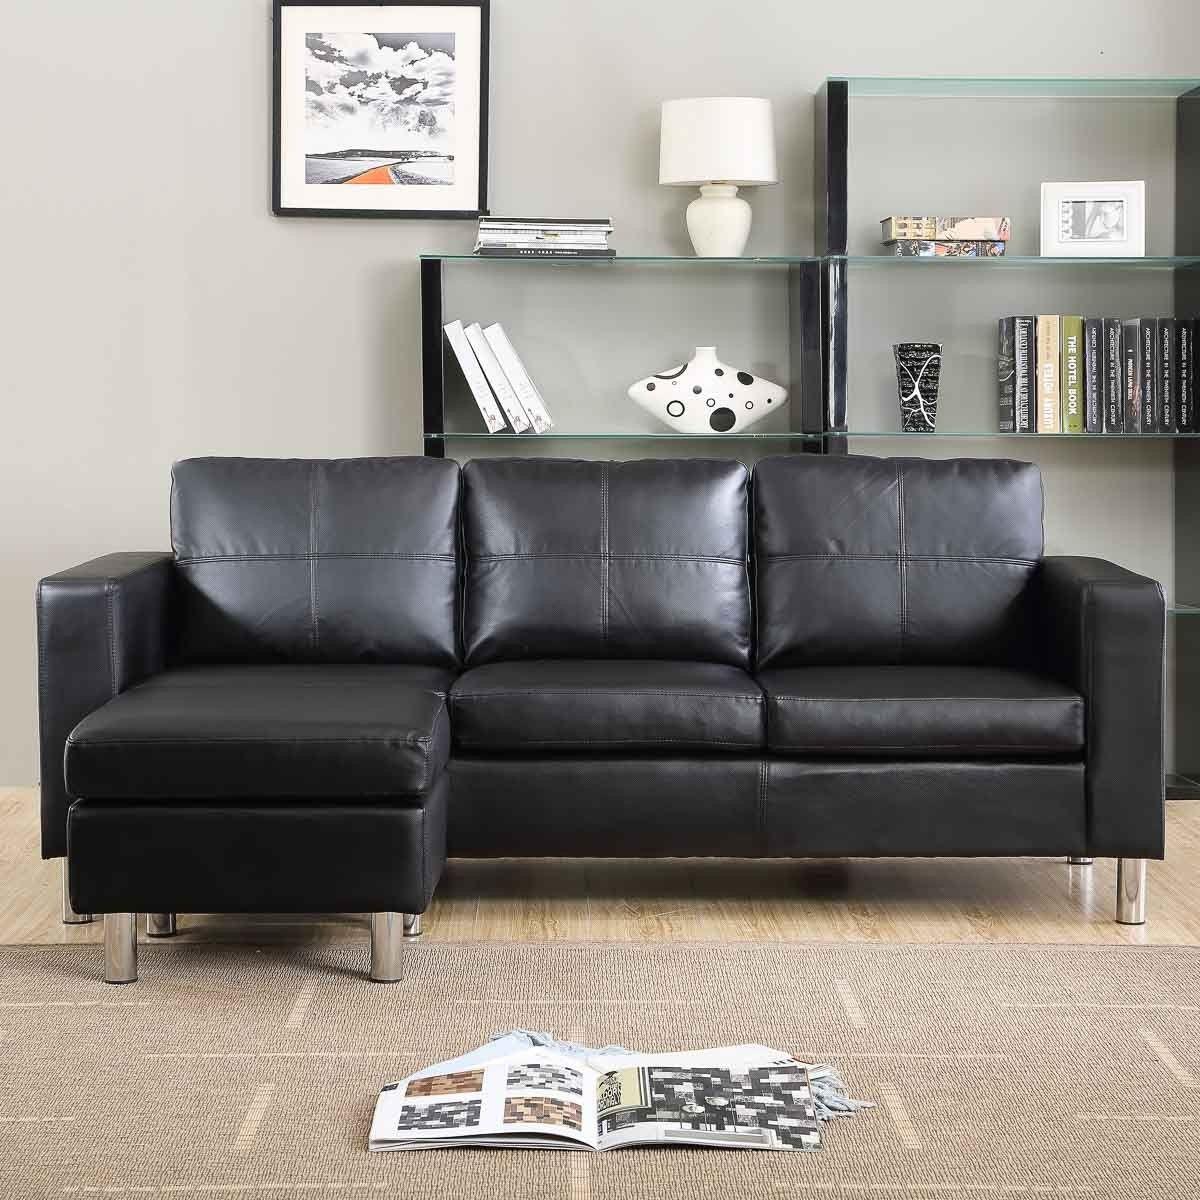 Divano angolare moderno ecopelle con pouf sofa reversibile bianco nero 3 posti a ebay - Divano angolare bianco ...